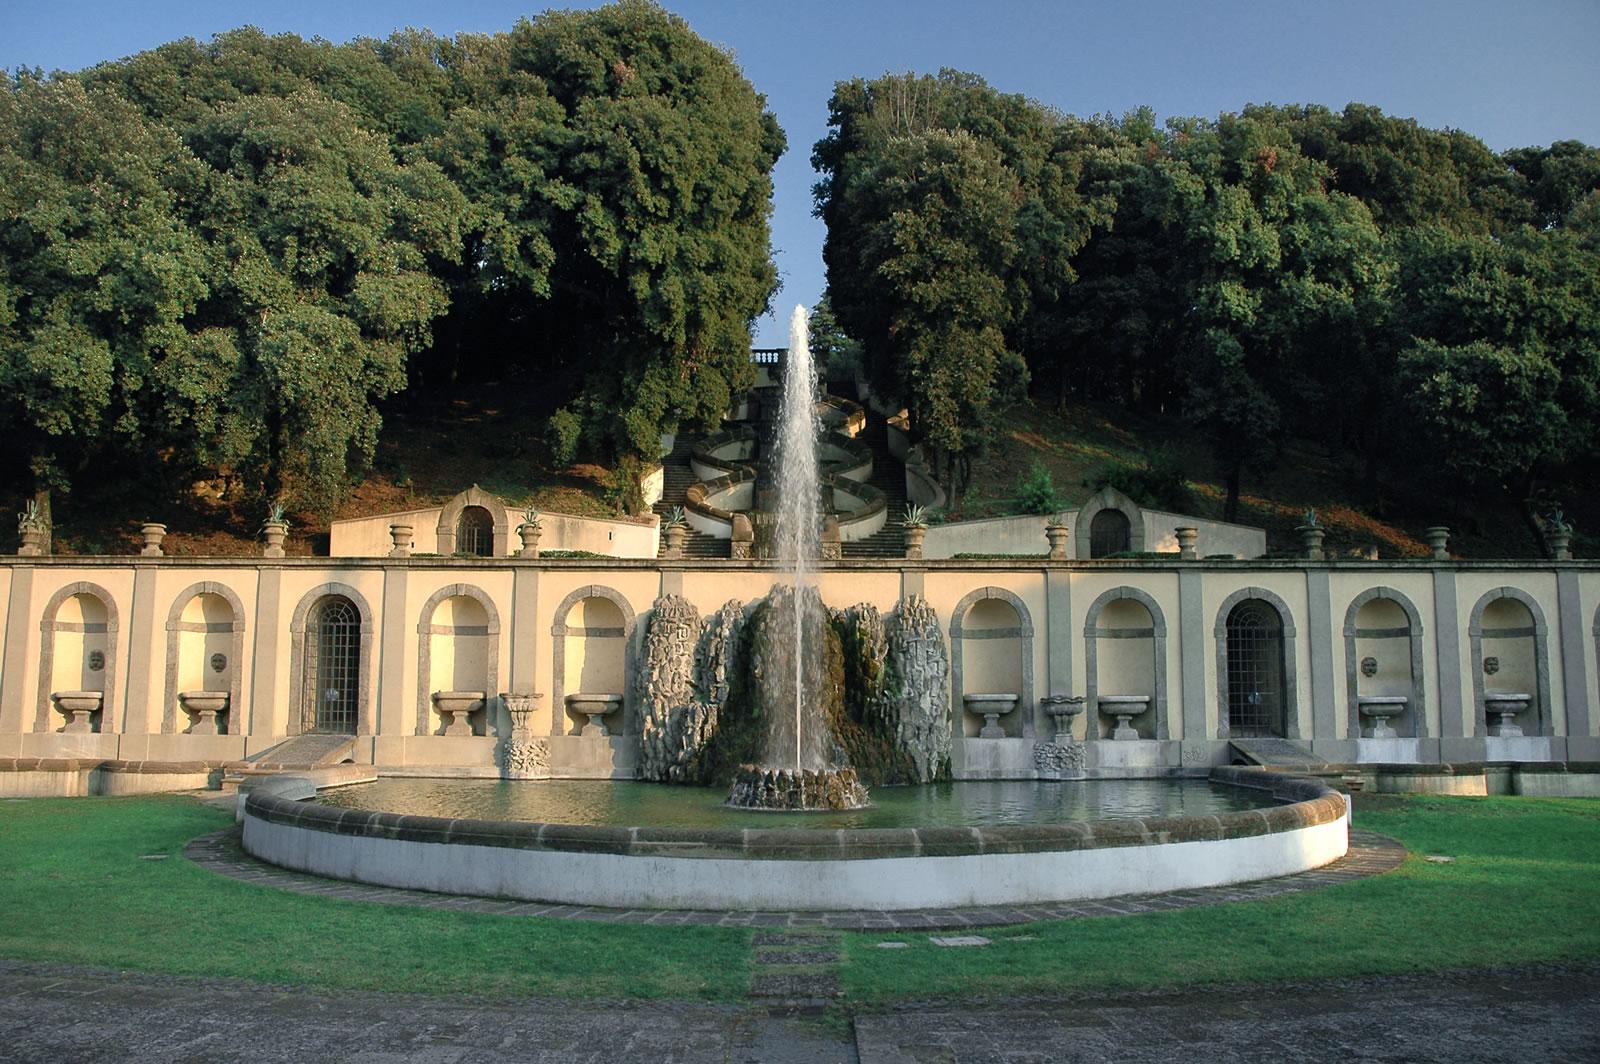 VIlla Torlonia, Teatro delle Acque